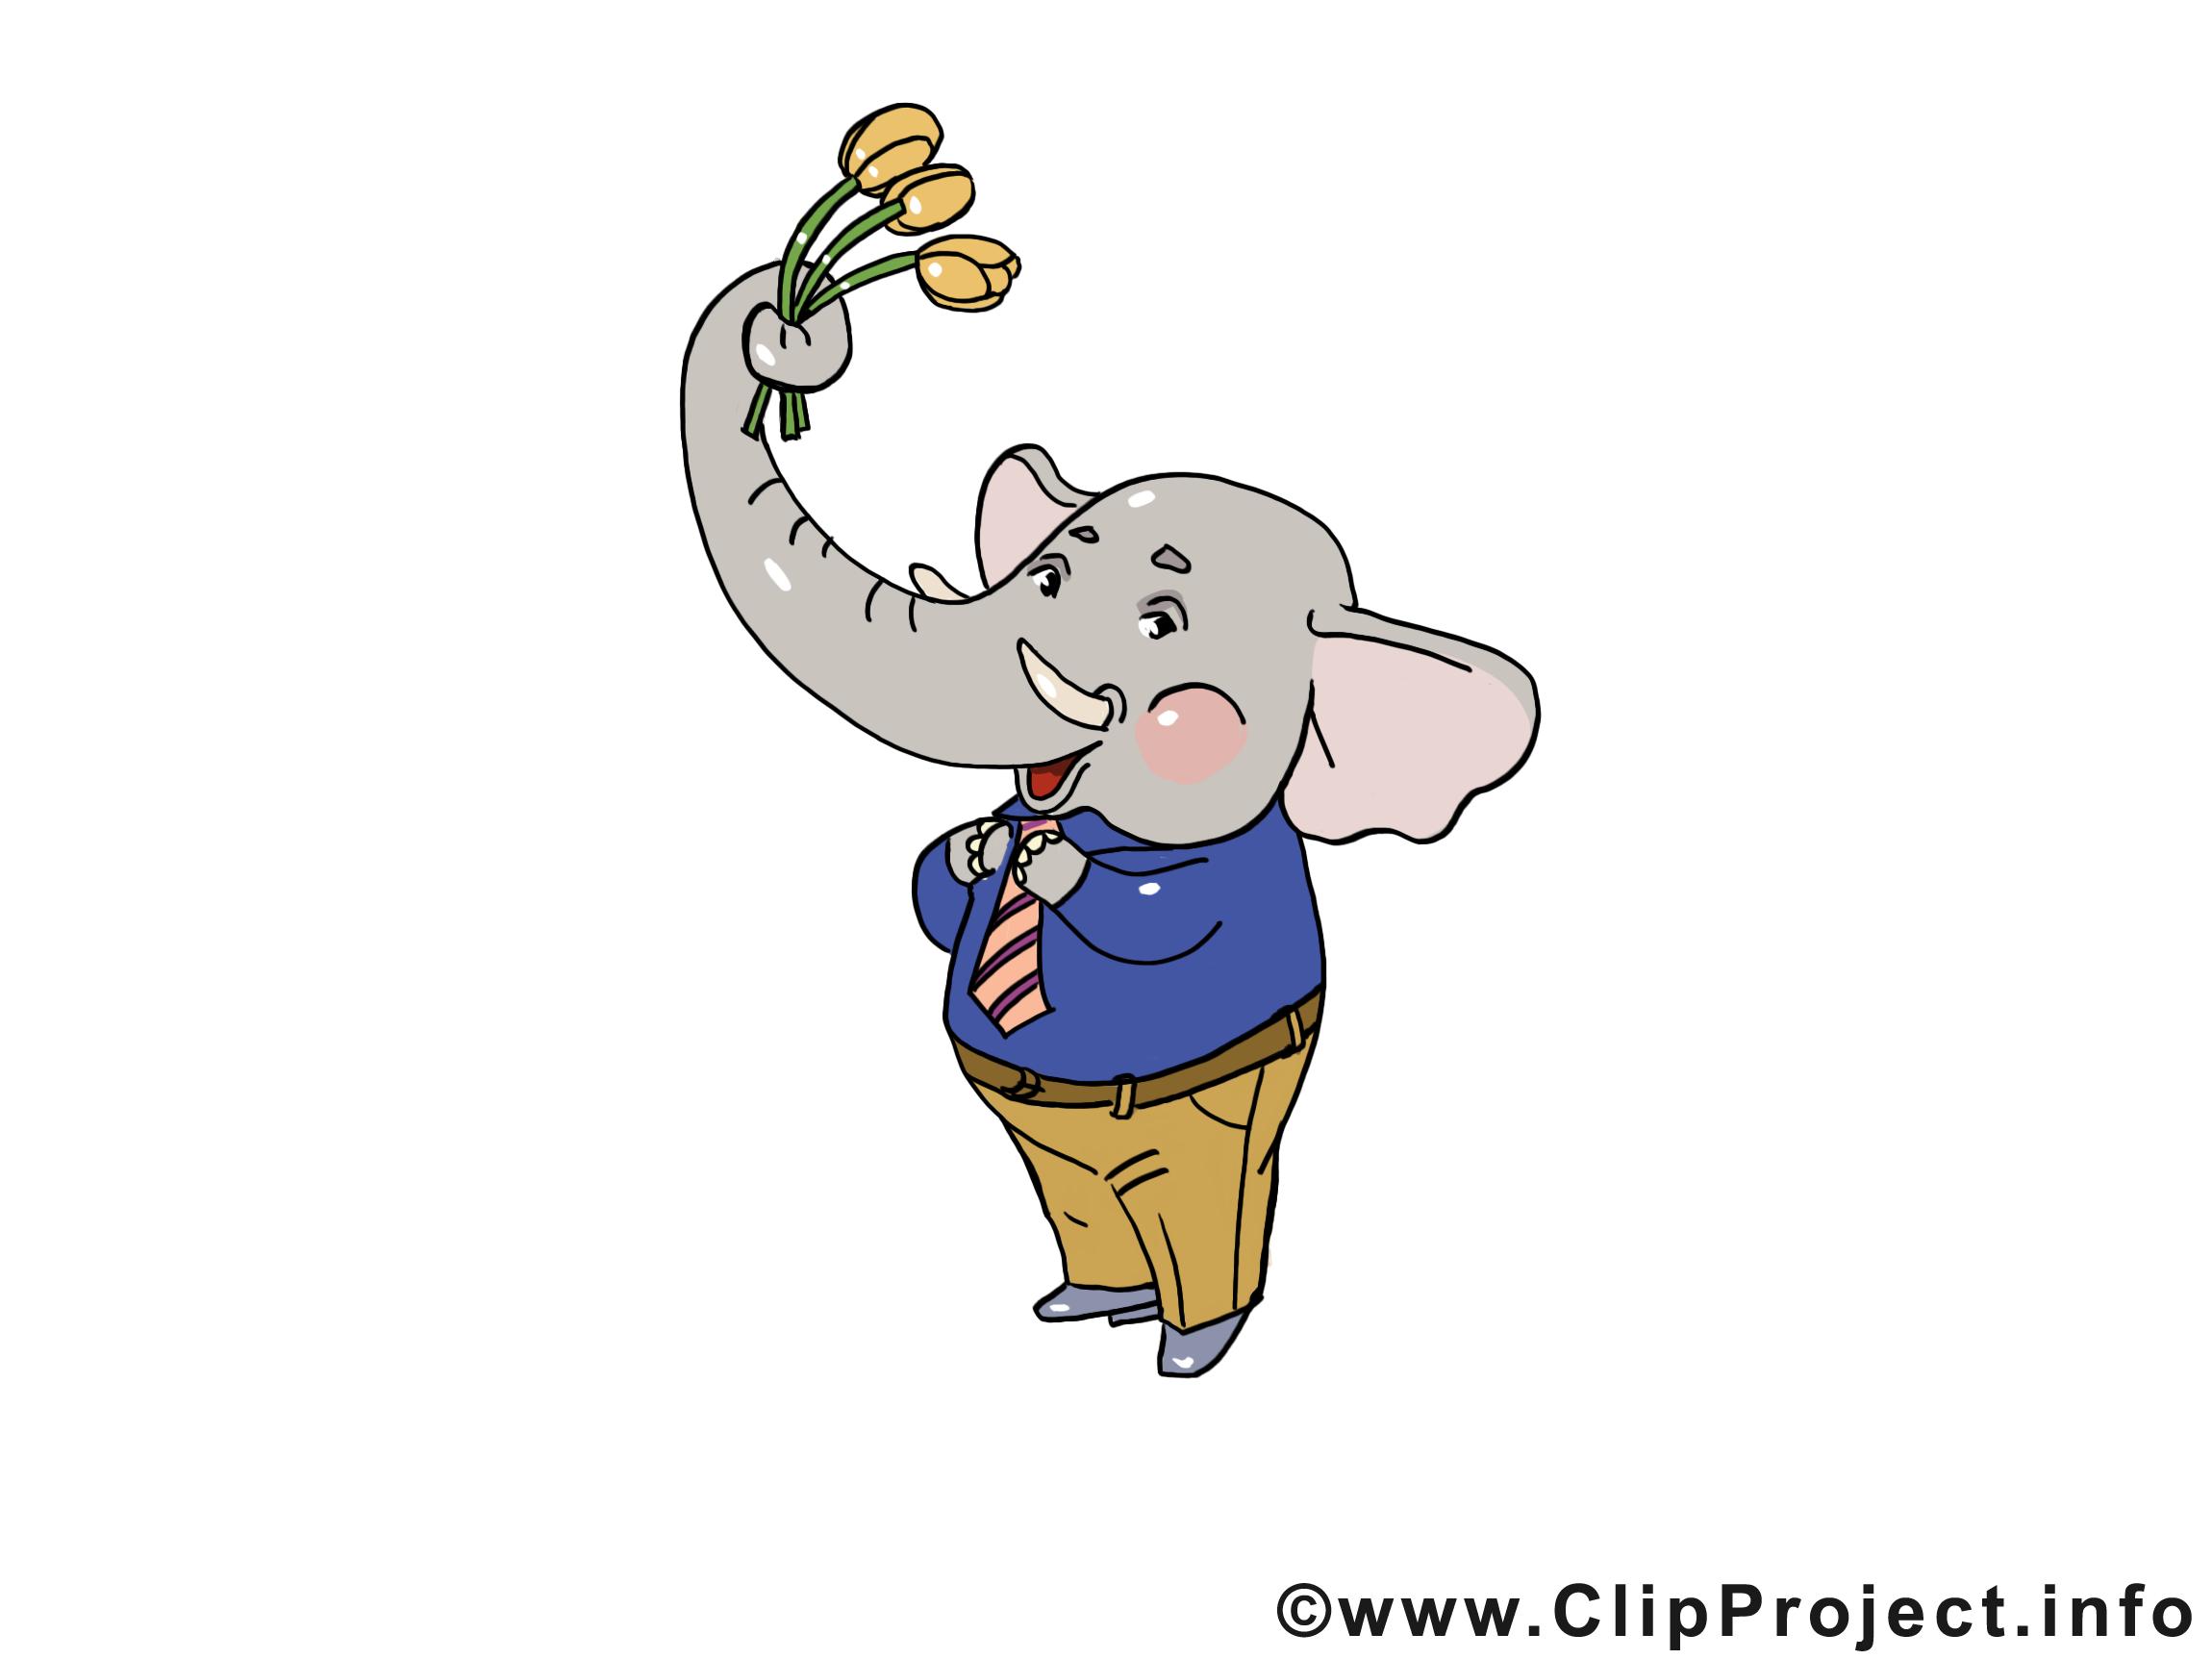 Éléphant dessins gratuits – Anniversaire clipart